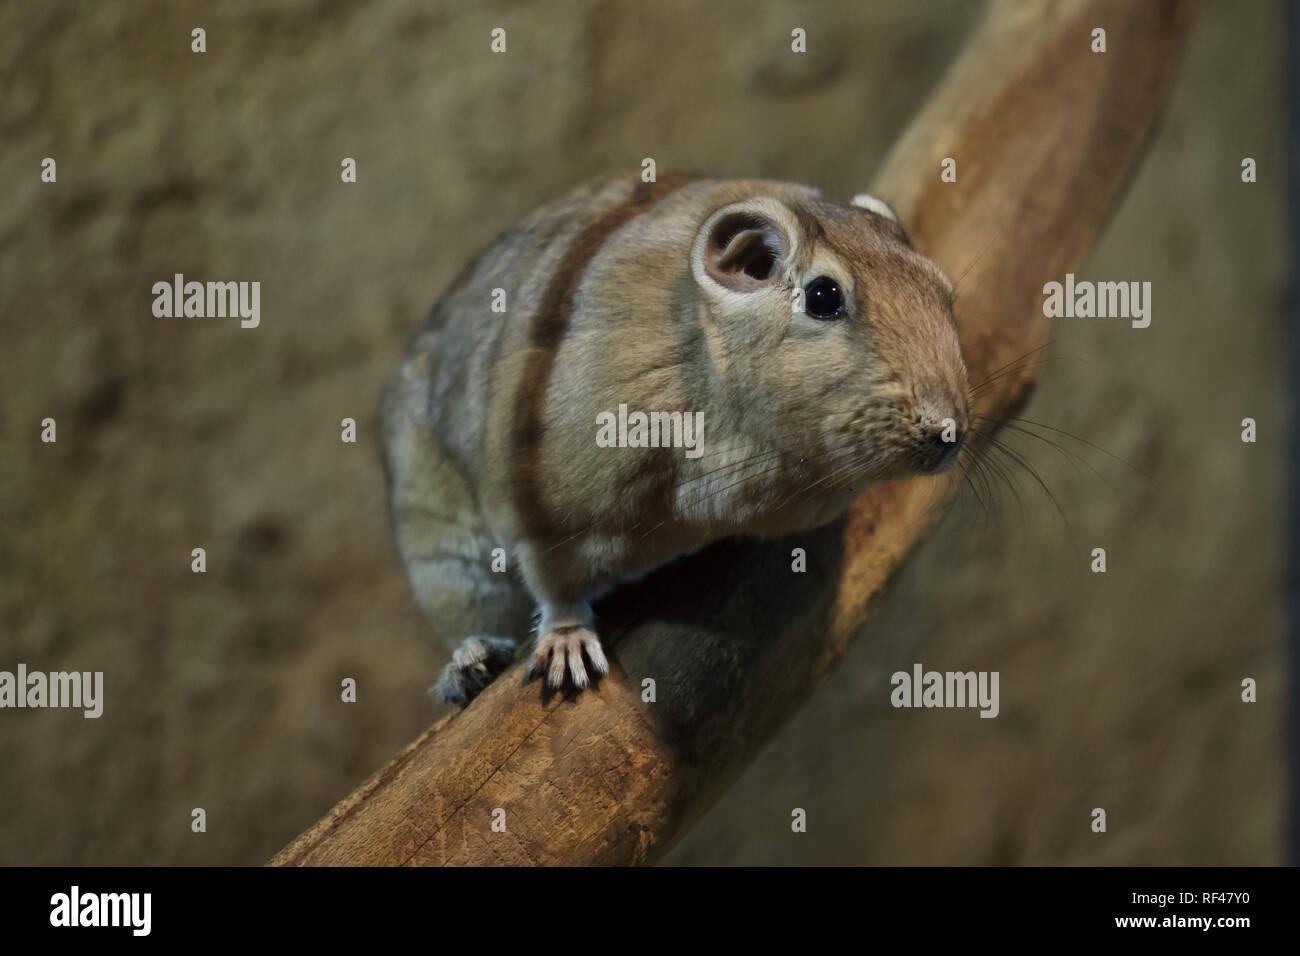 Common gundi (Ctenodactylus gundi). Wild life animal. - Stock Image